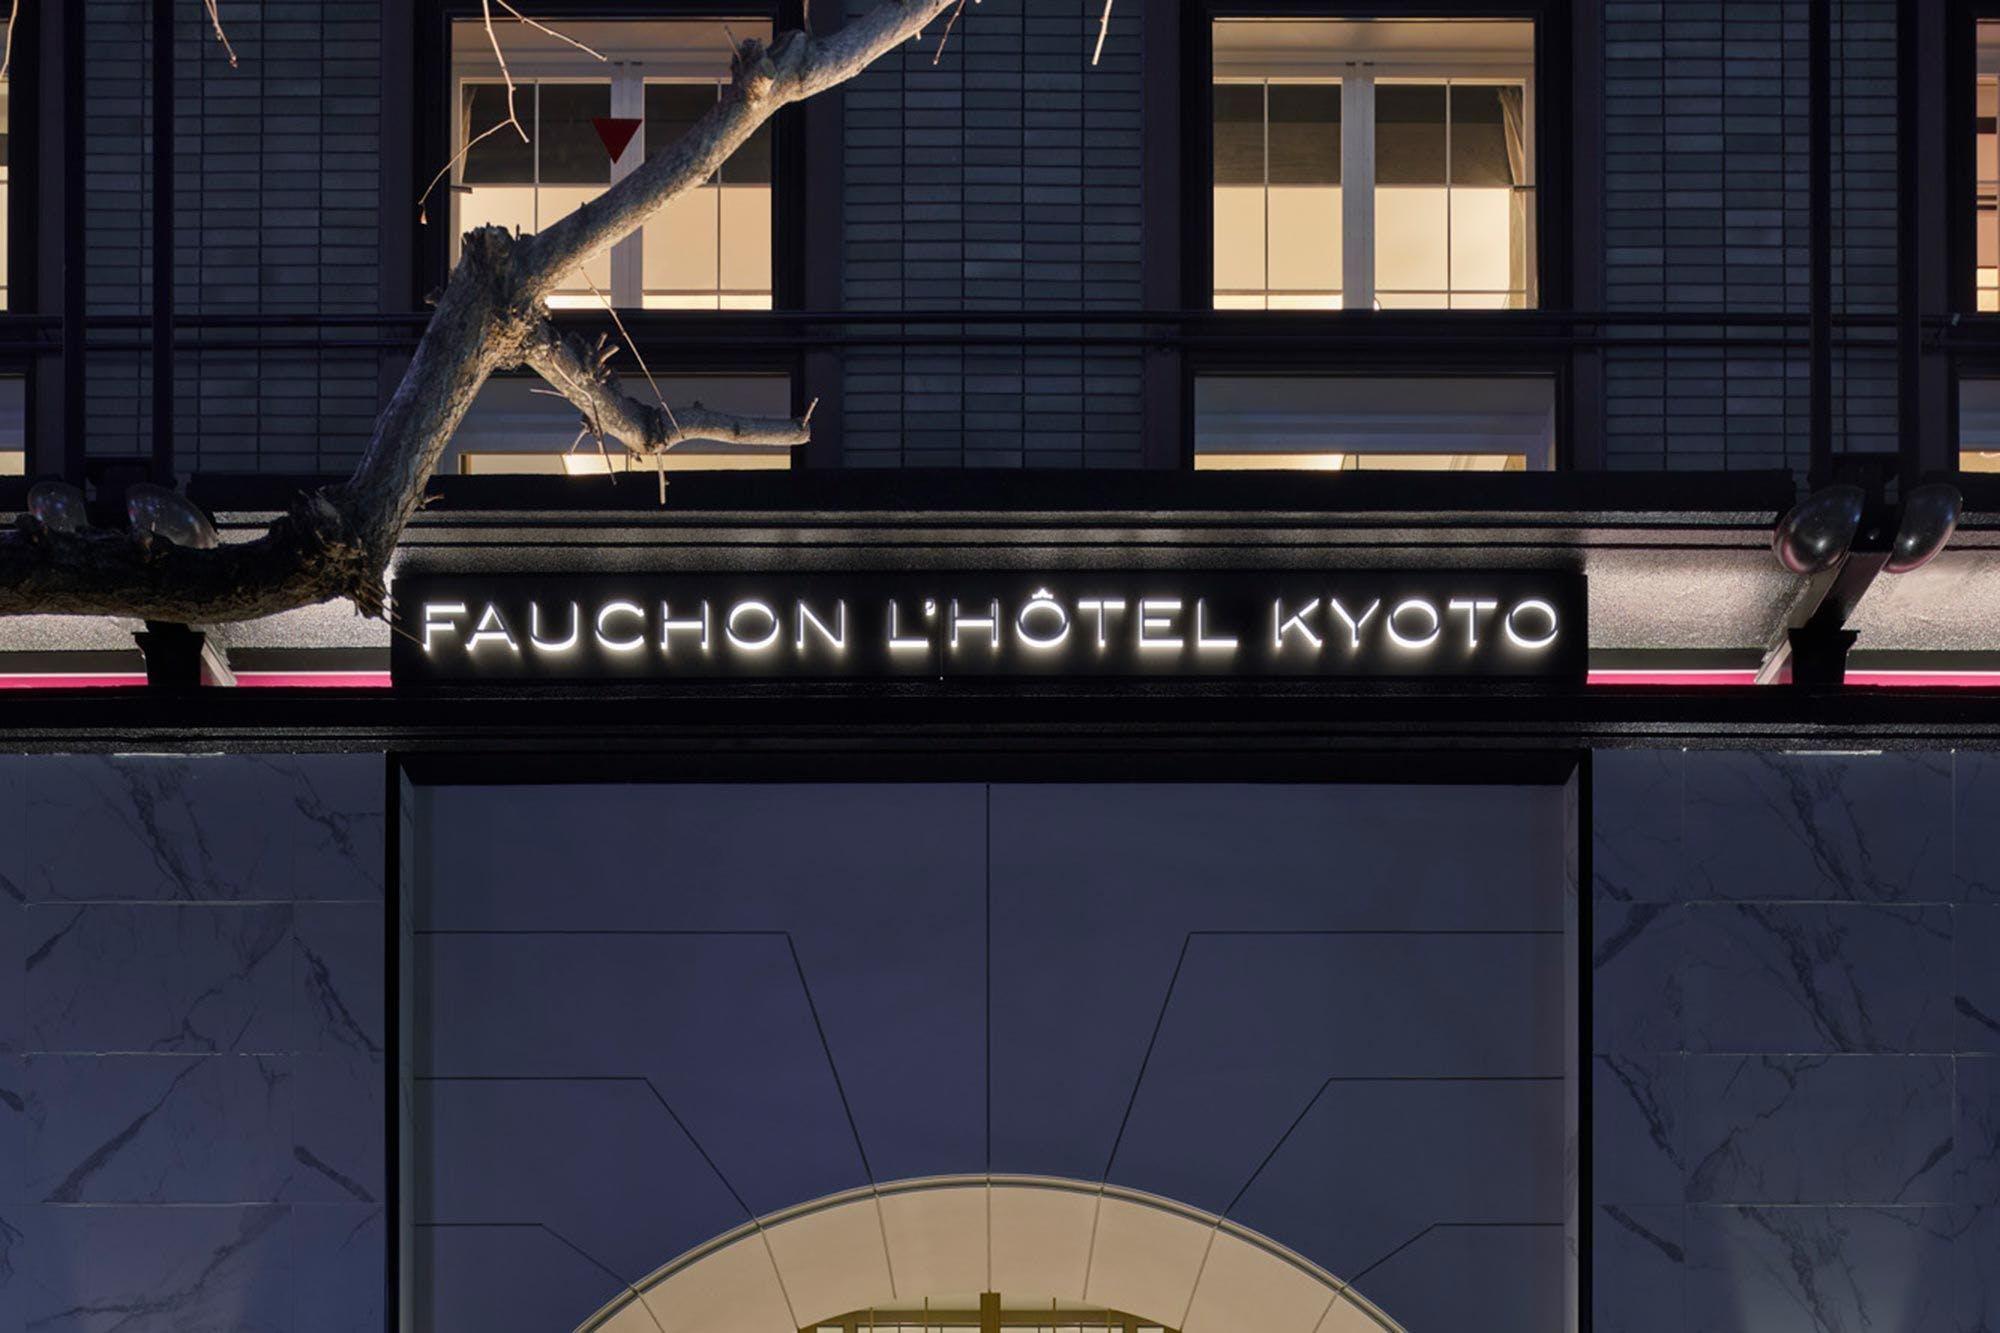 フォションホテル 京都外観